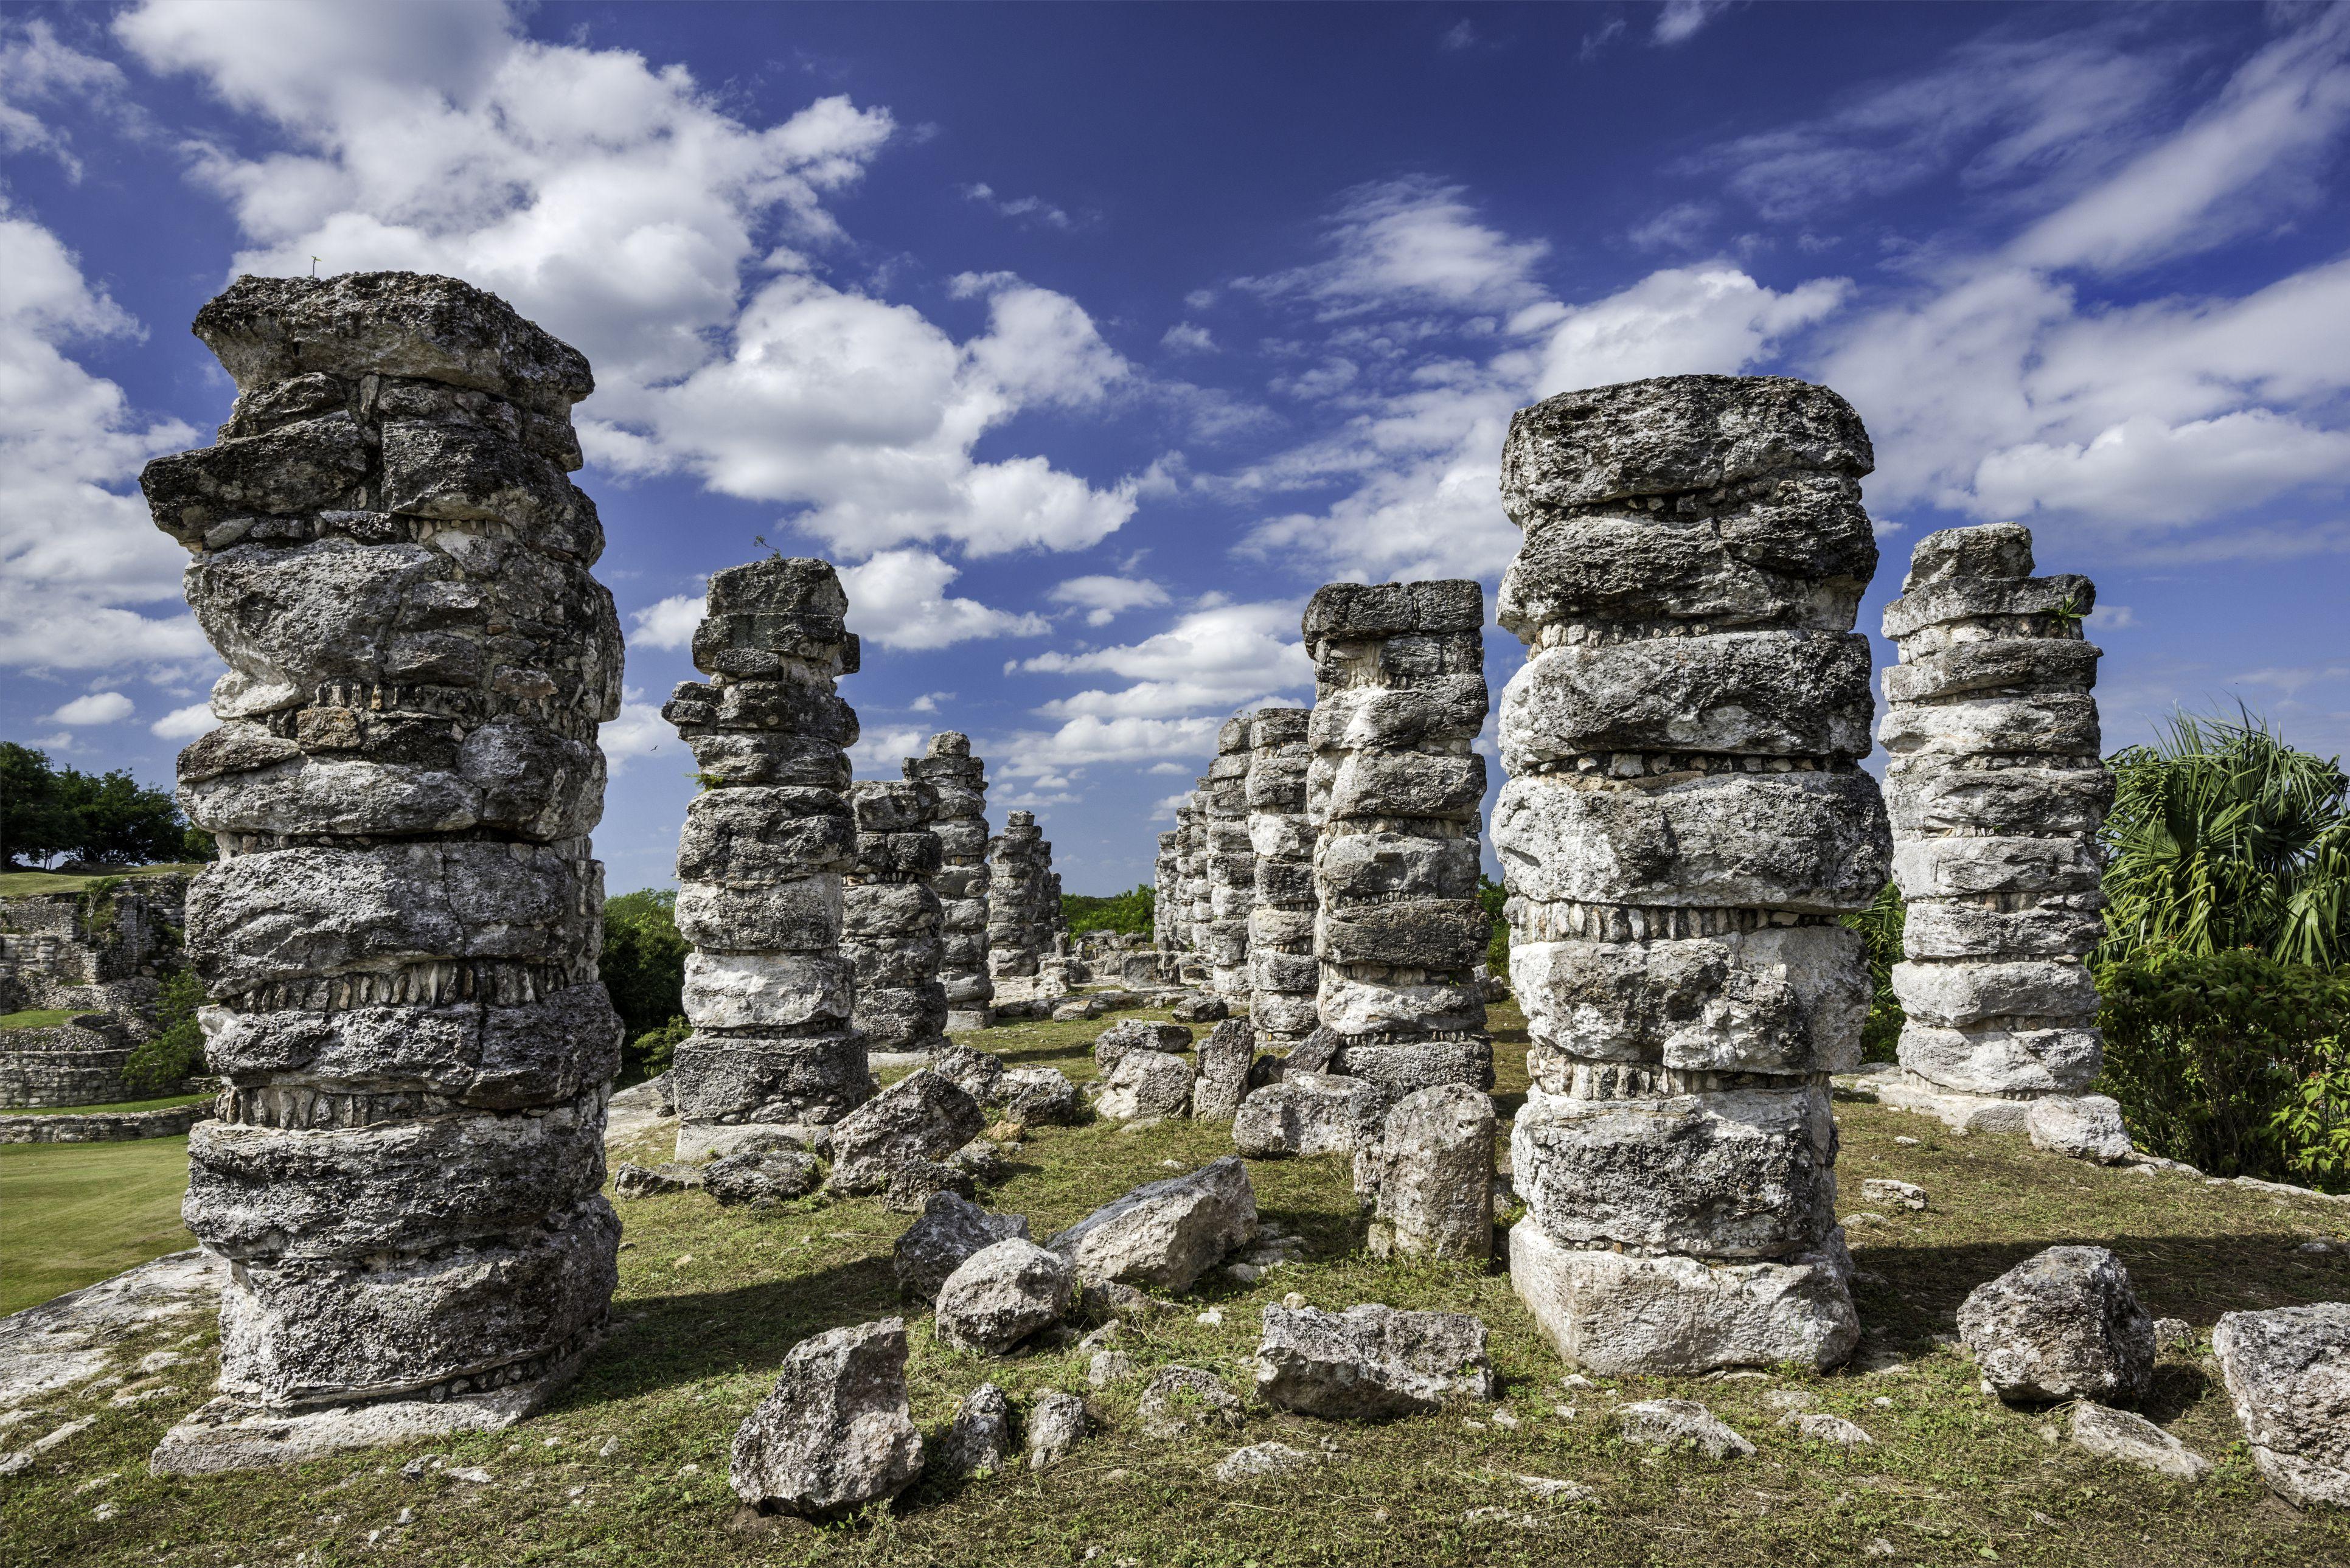 Pillars at Maya ruins at Ake, Yucatan, Mexico